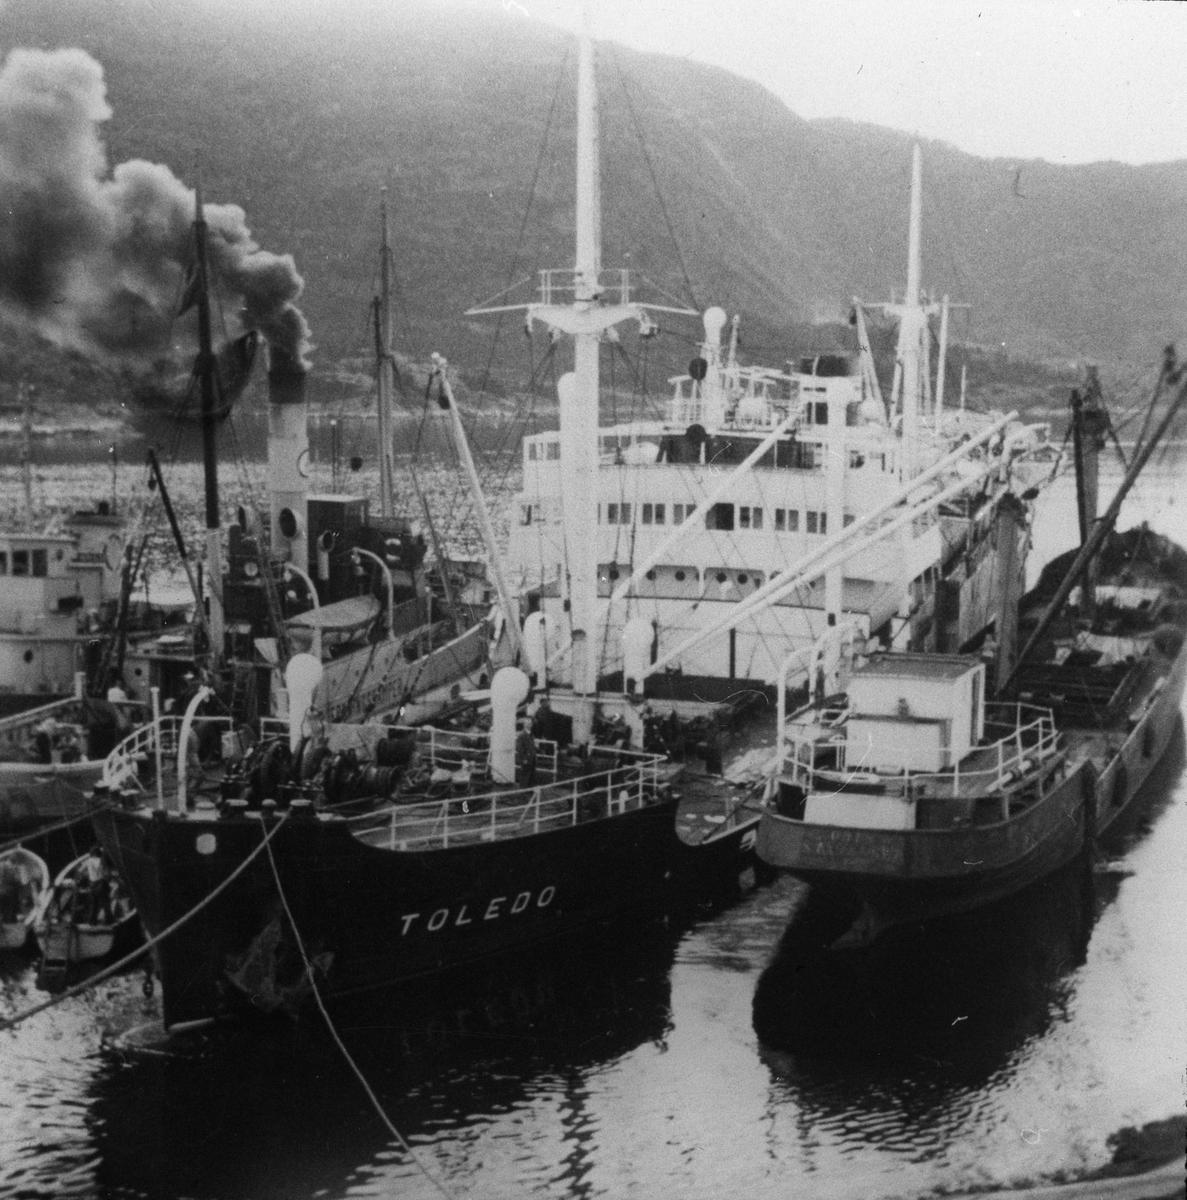 MS TOLEDO flankert av to mindre dampskip